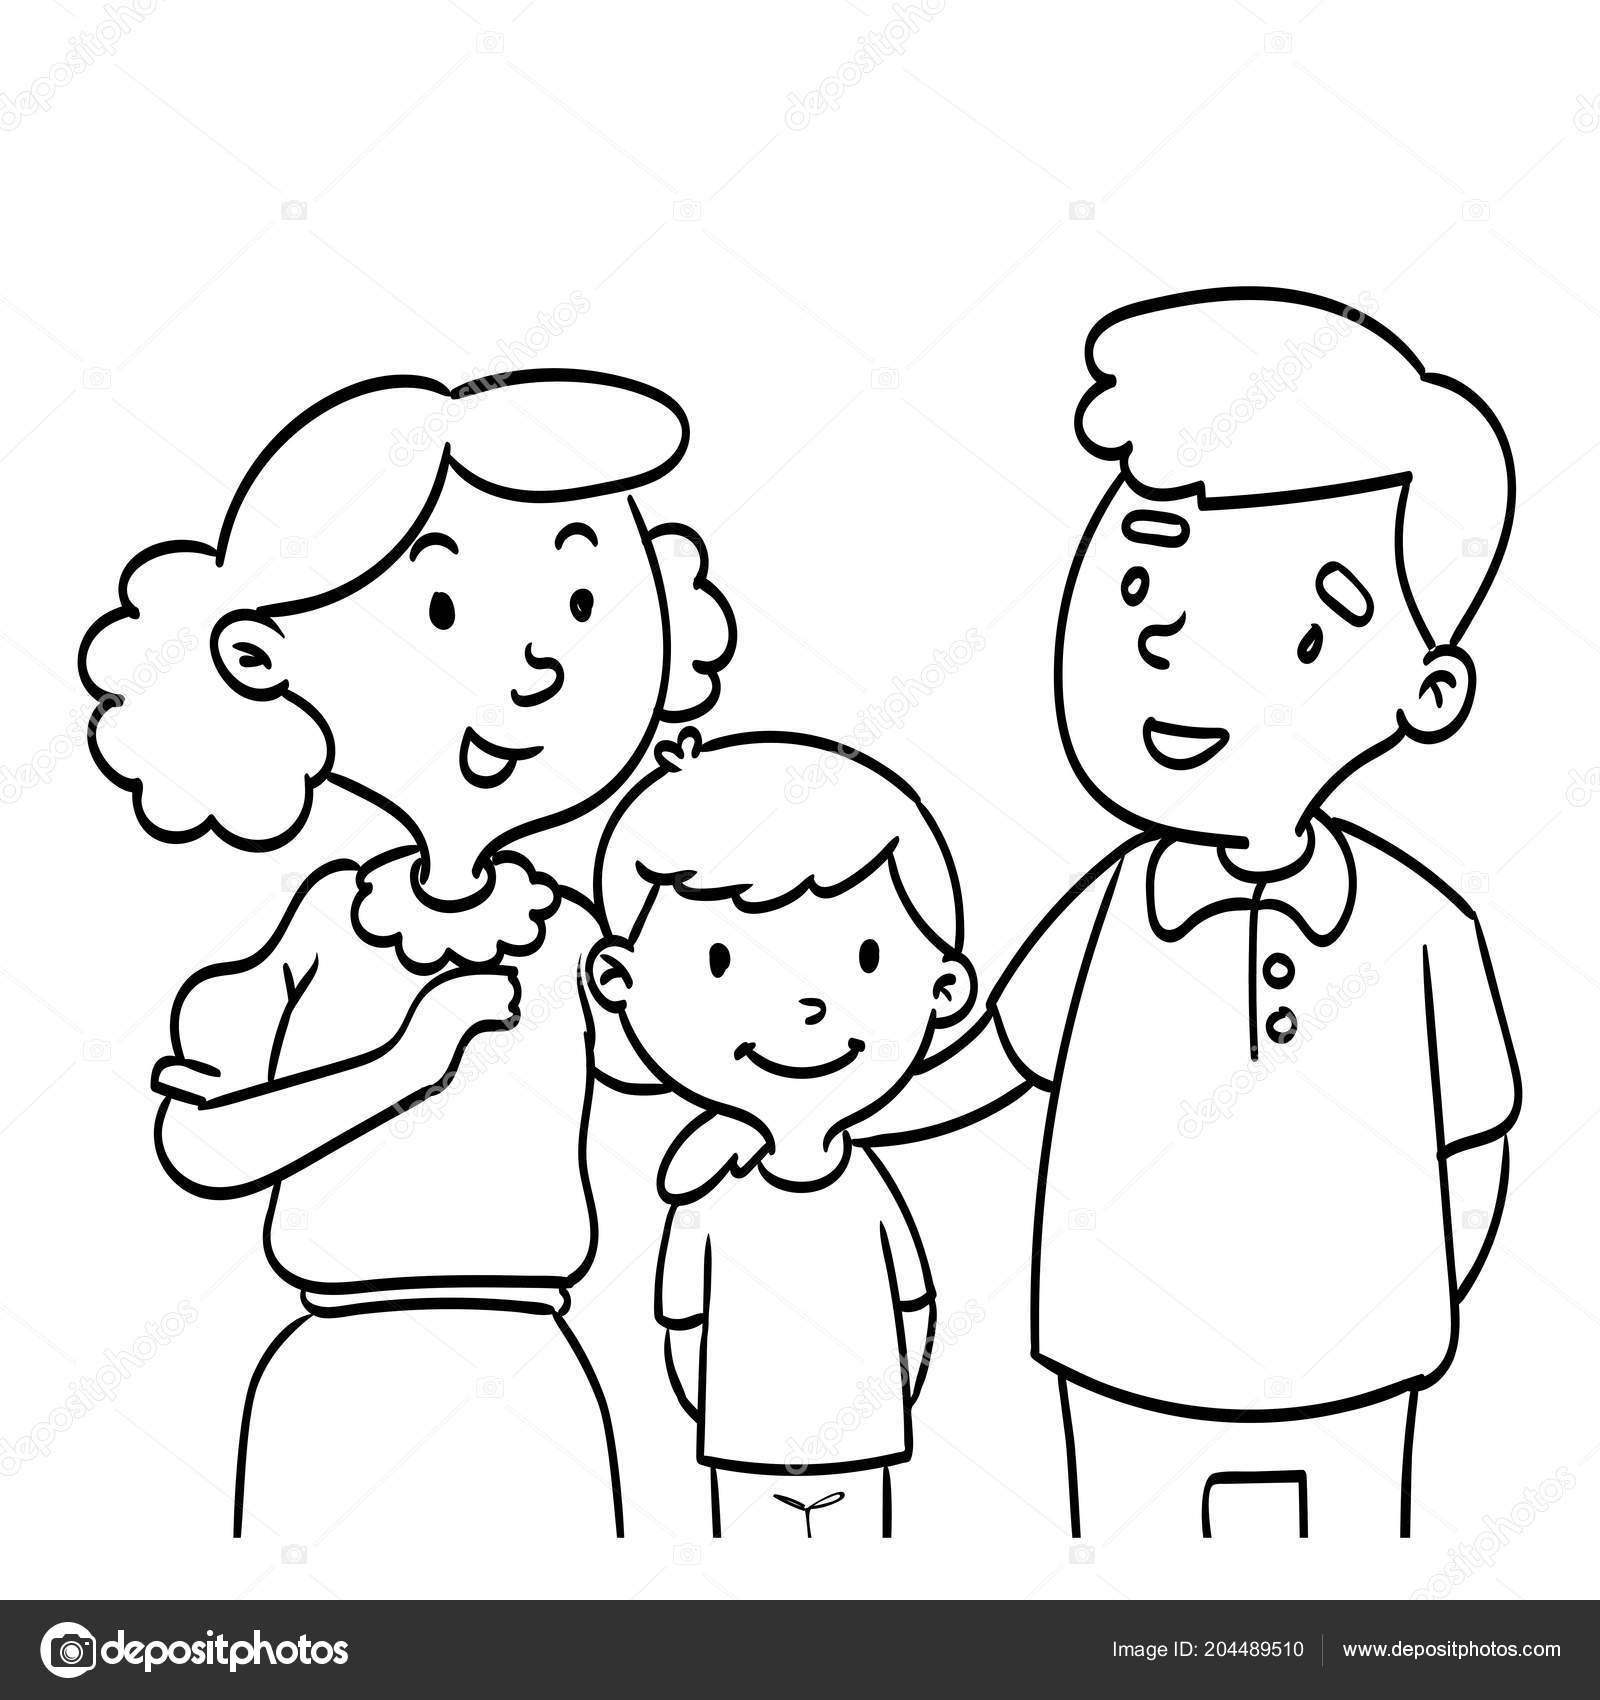 Elle çizilmiş Mutlu Bir Aile Boyama Kitabı Eğitim çocuklar Için